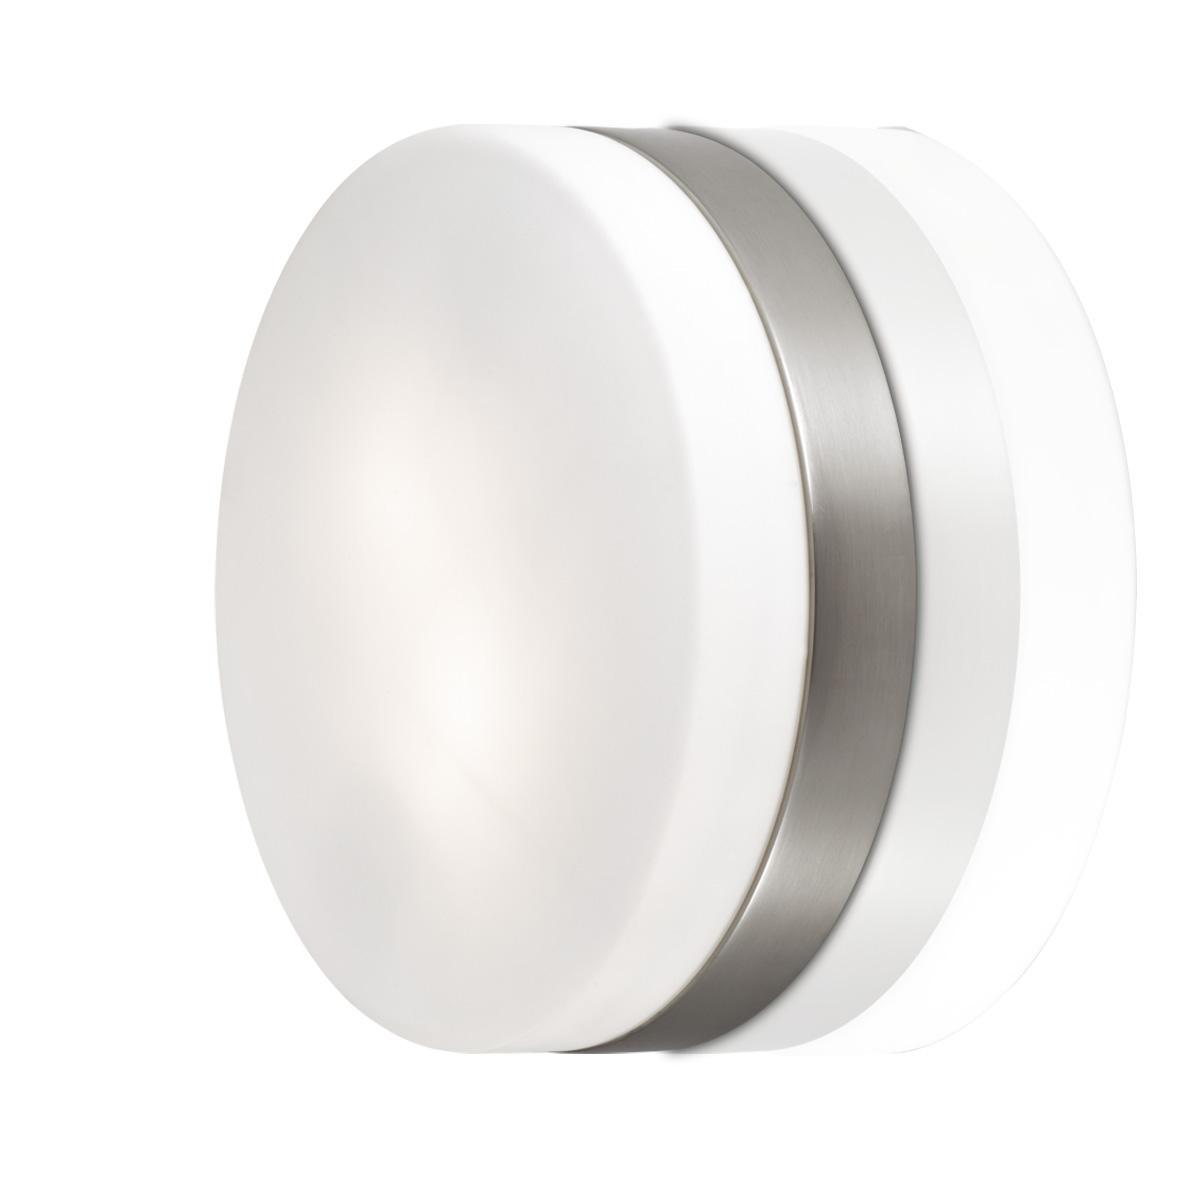 Потолочный светильник Odeon Light 2405/1C, белый